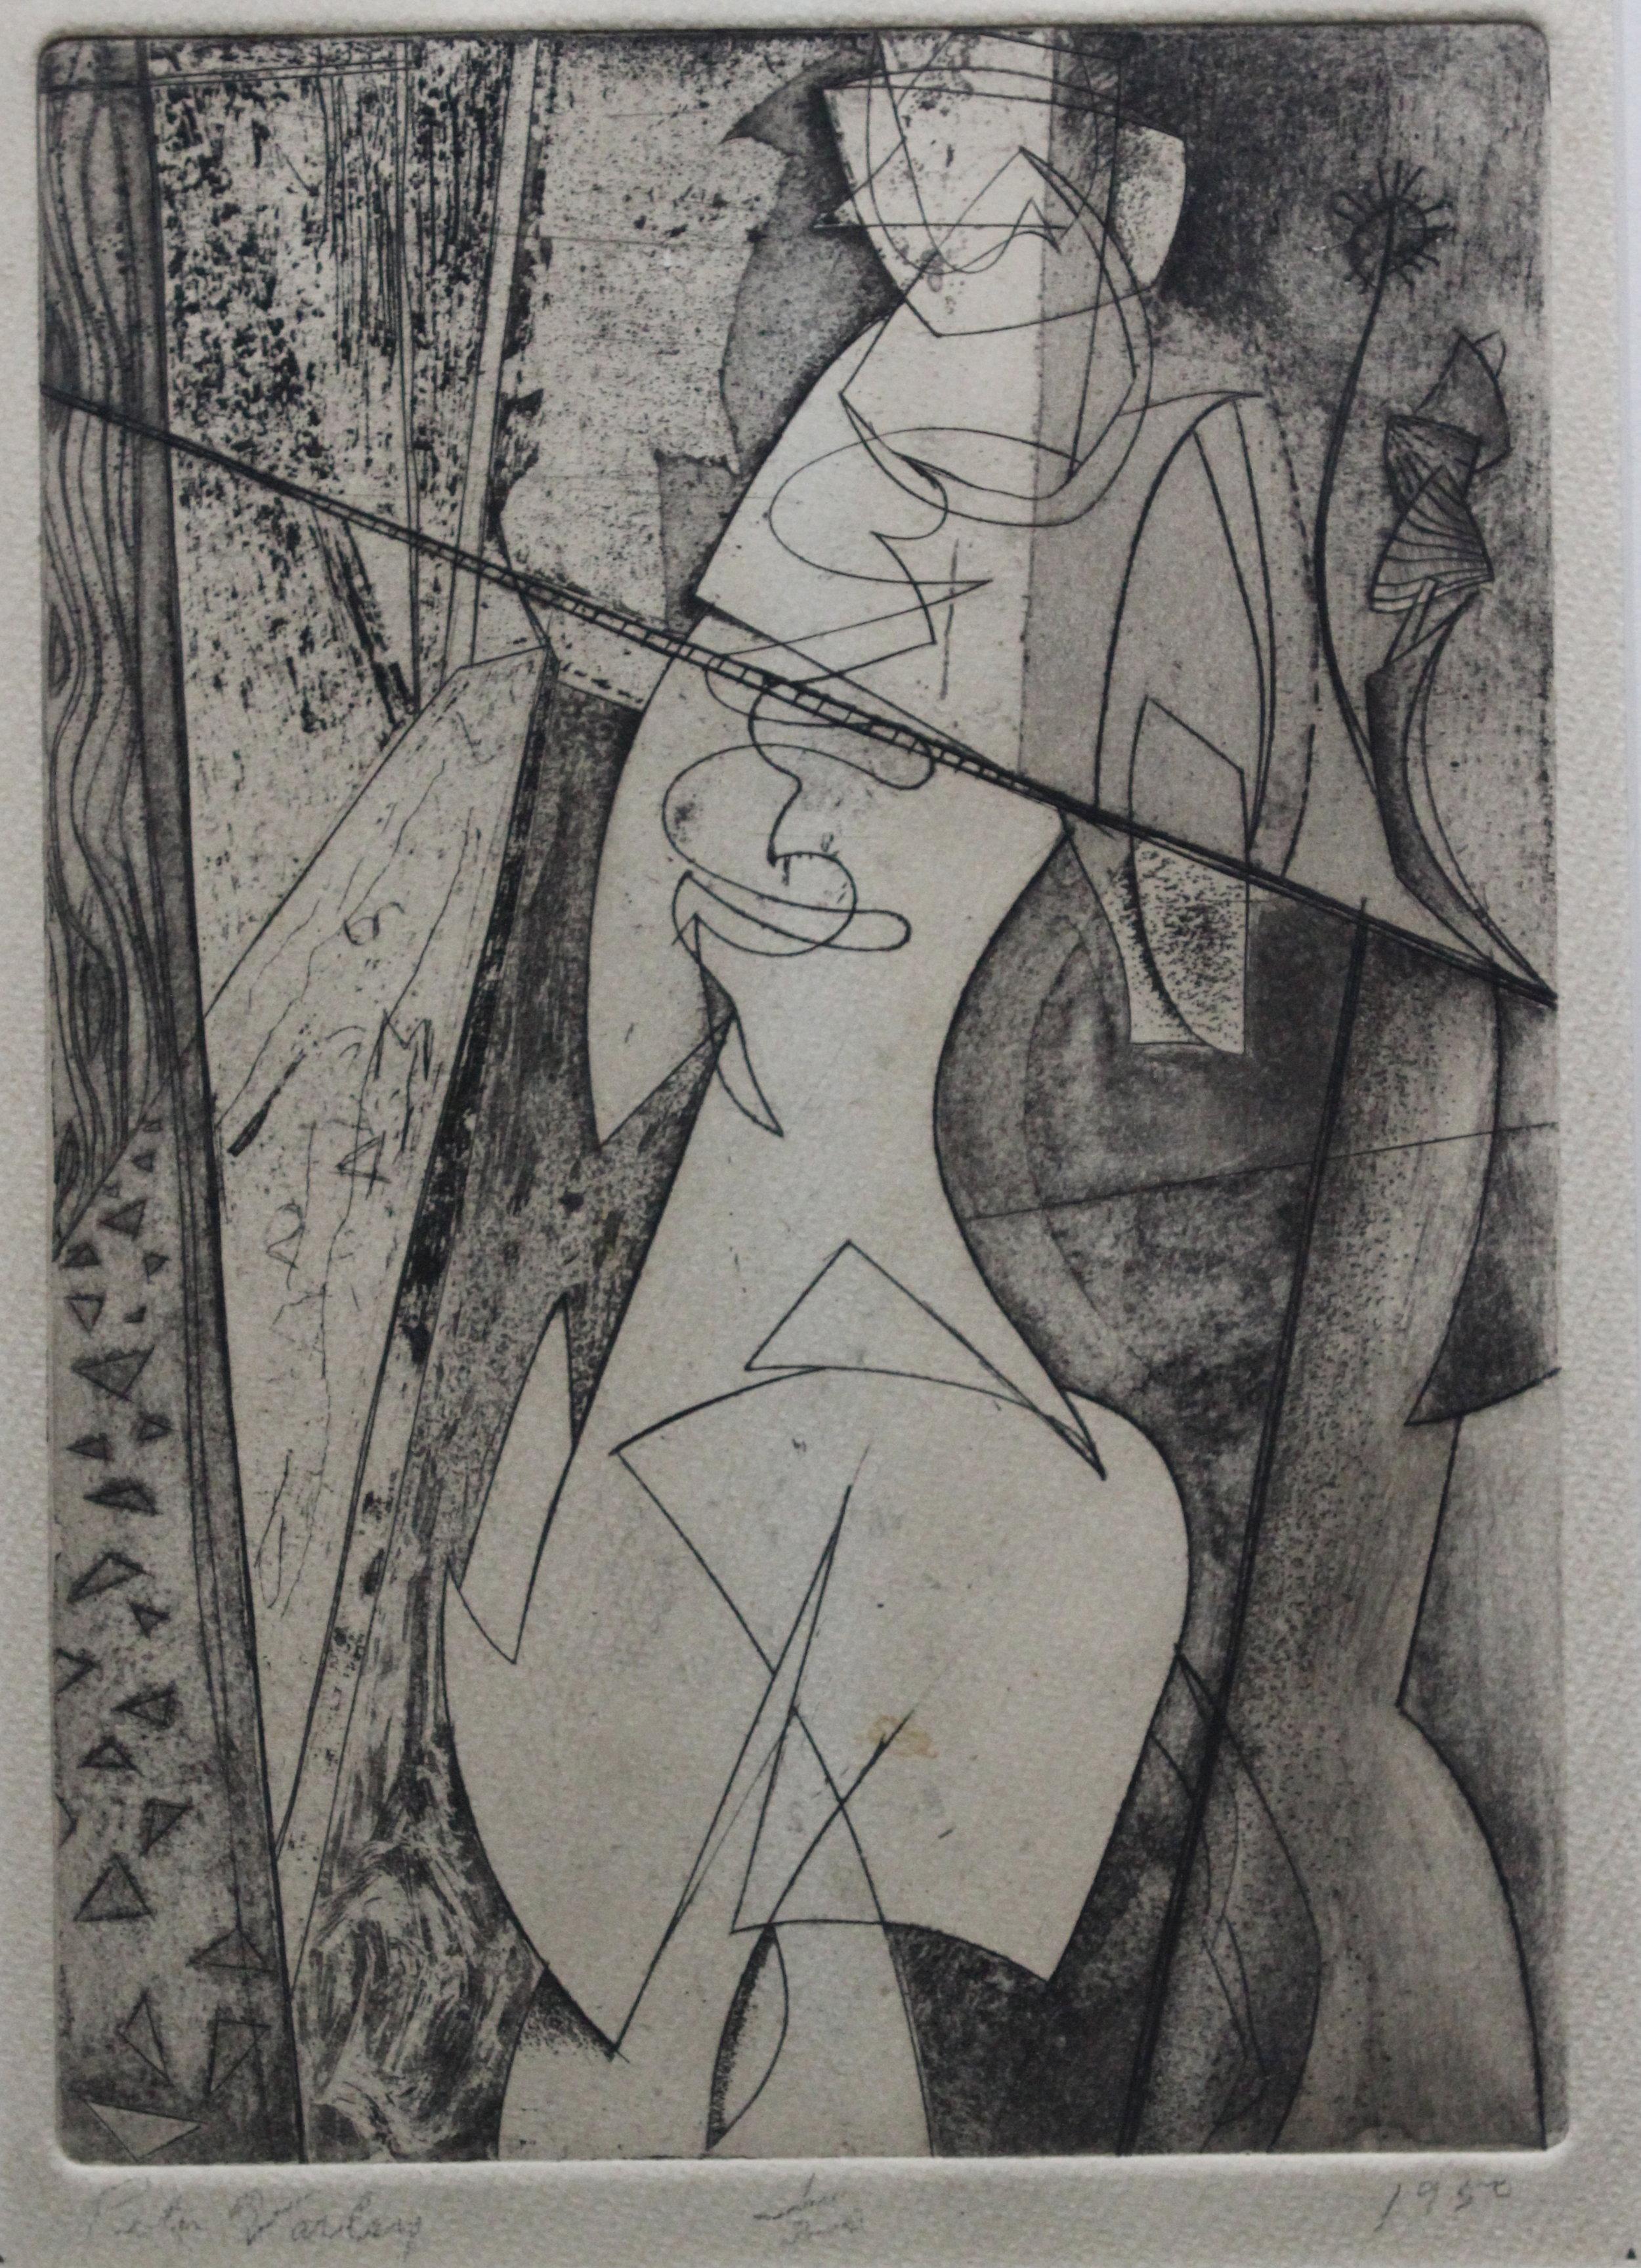 Peter Varley, Untitled, 1950